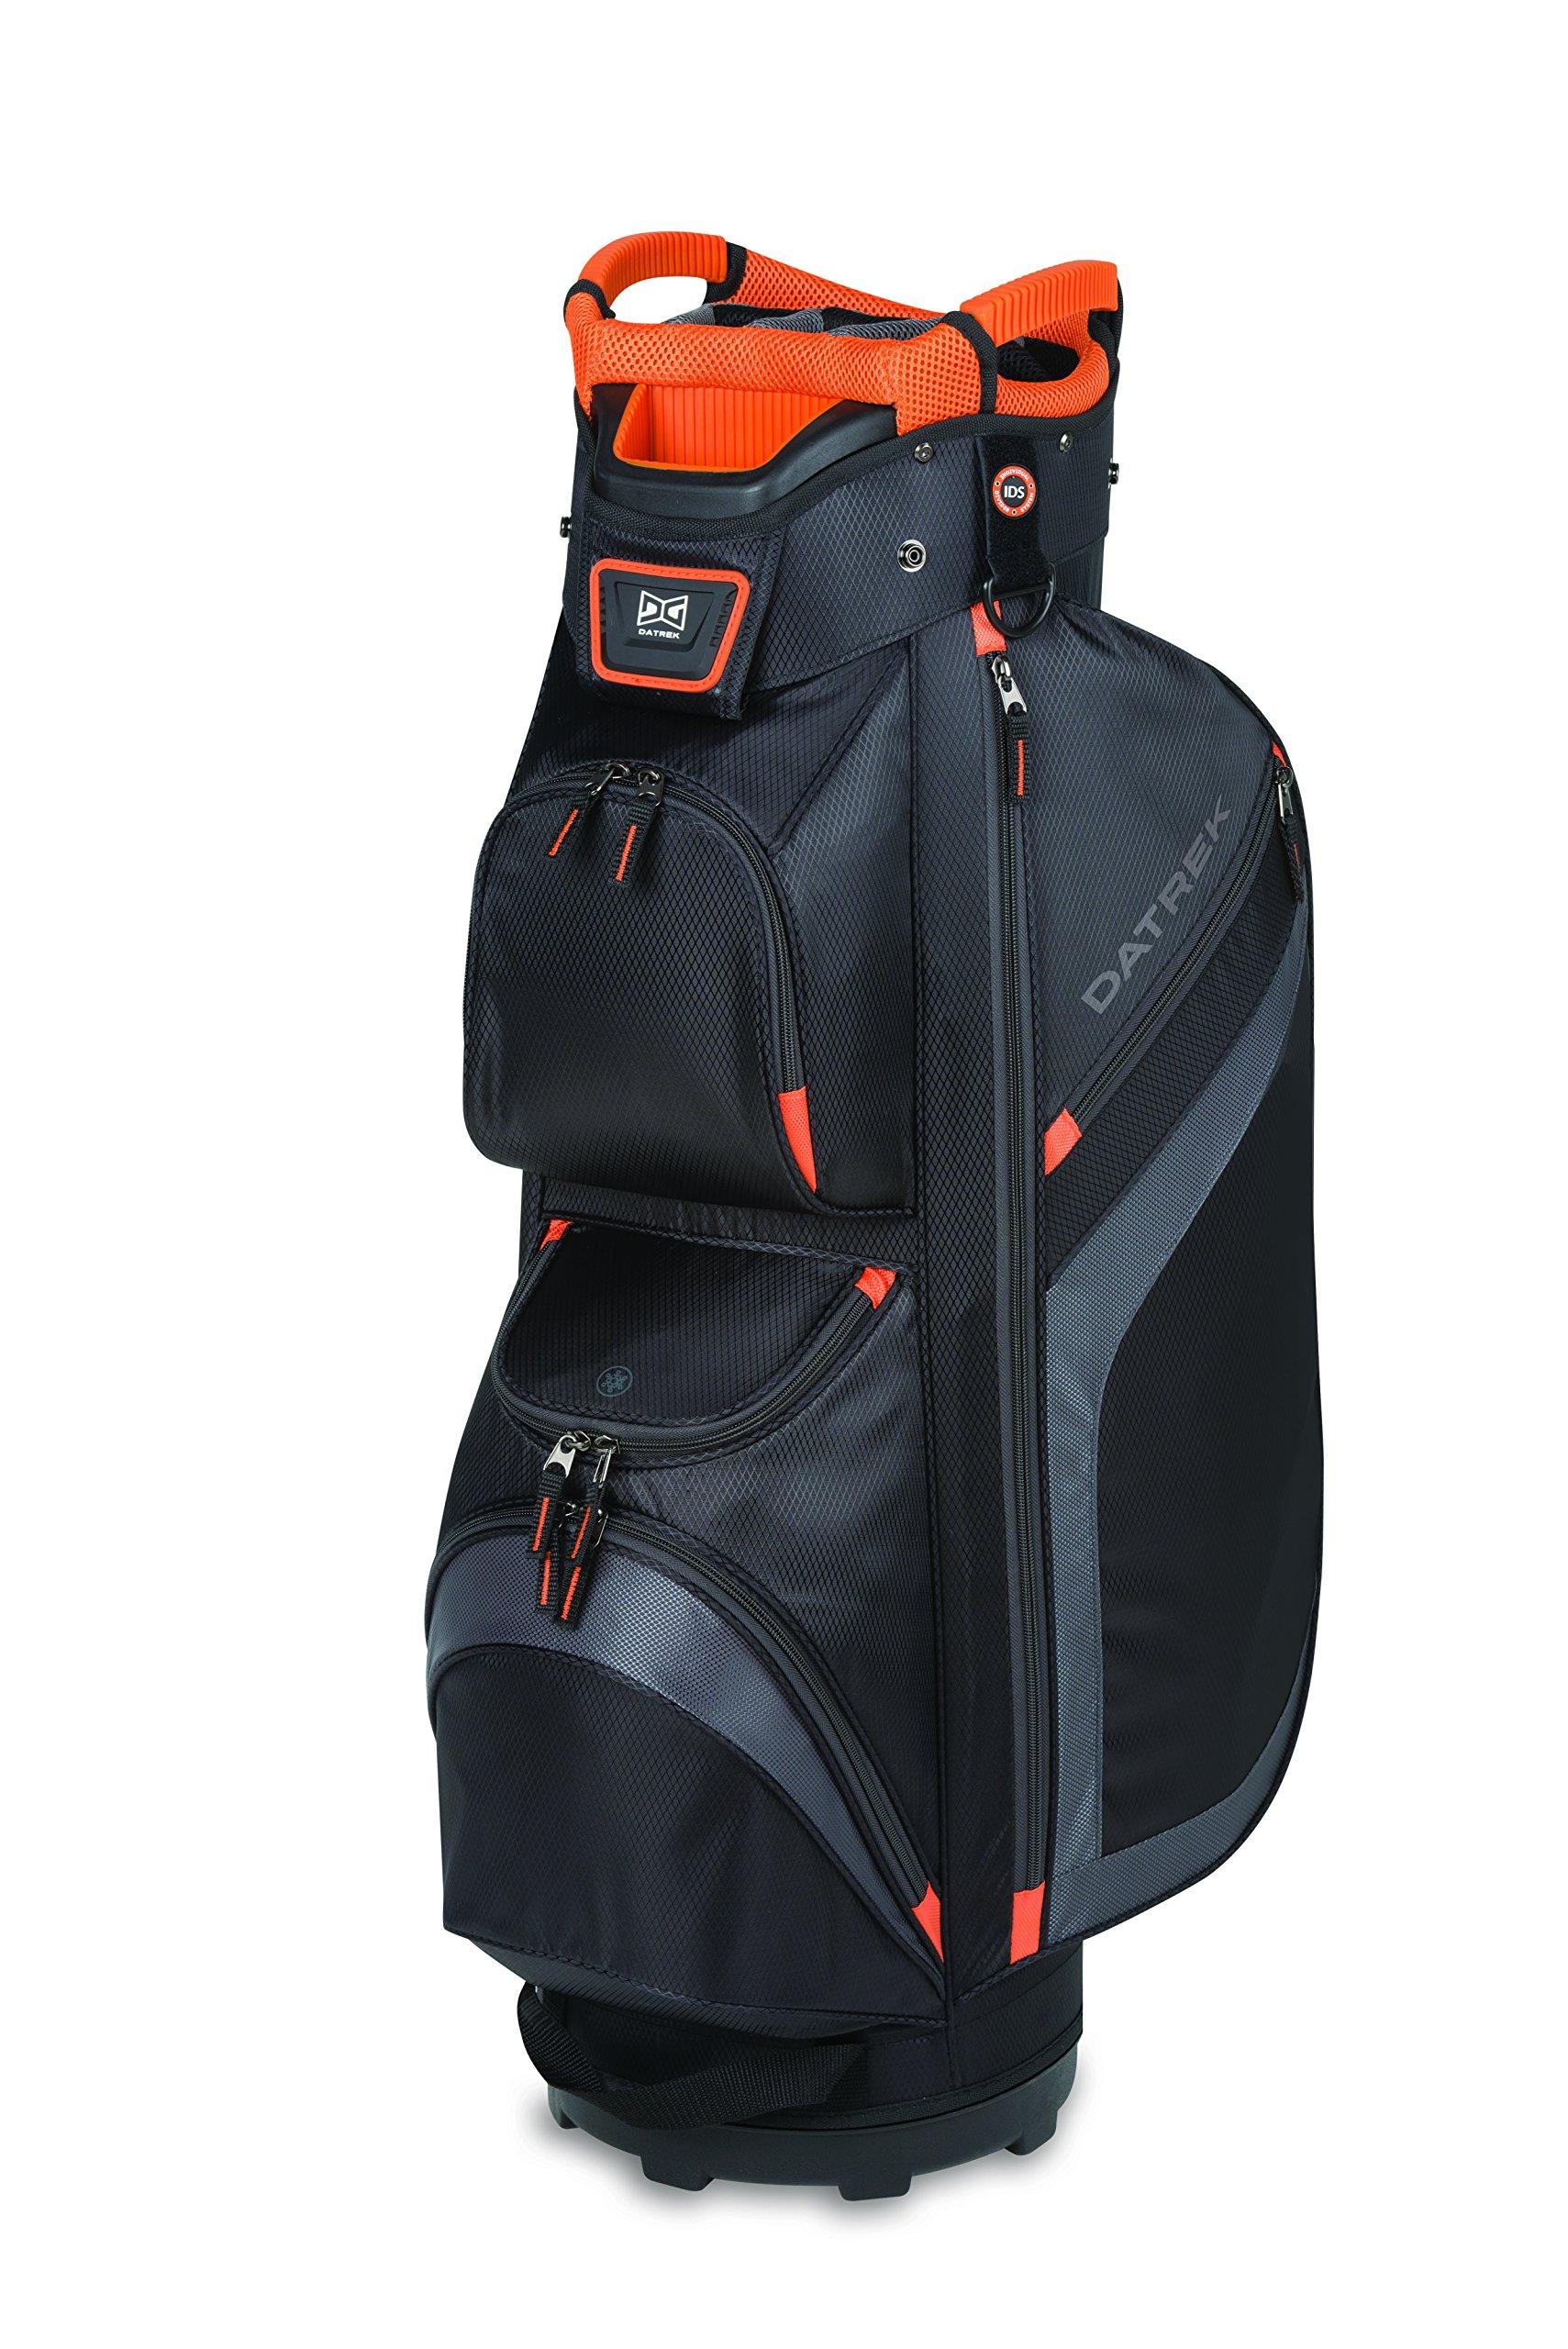 Datrek DG Lite II Cart Bag Black/Charcoal/Orange DG Lite II Cart Bag by Datrek